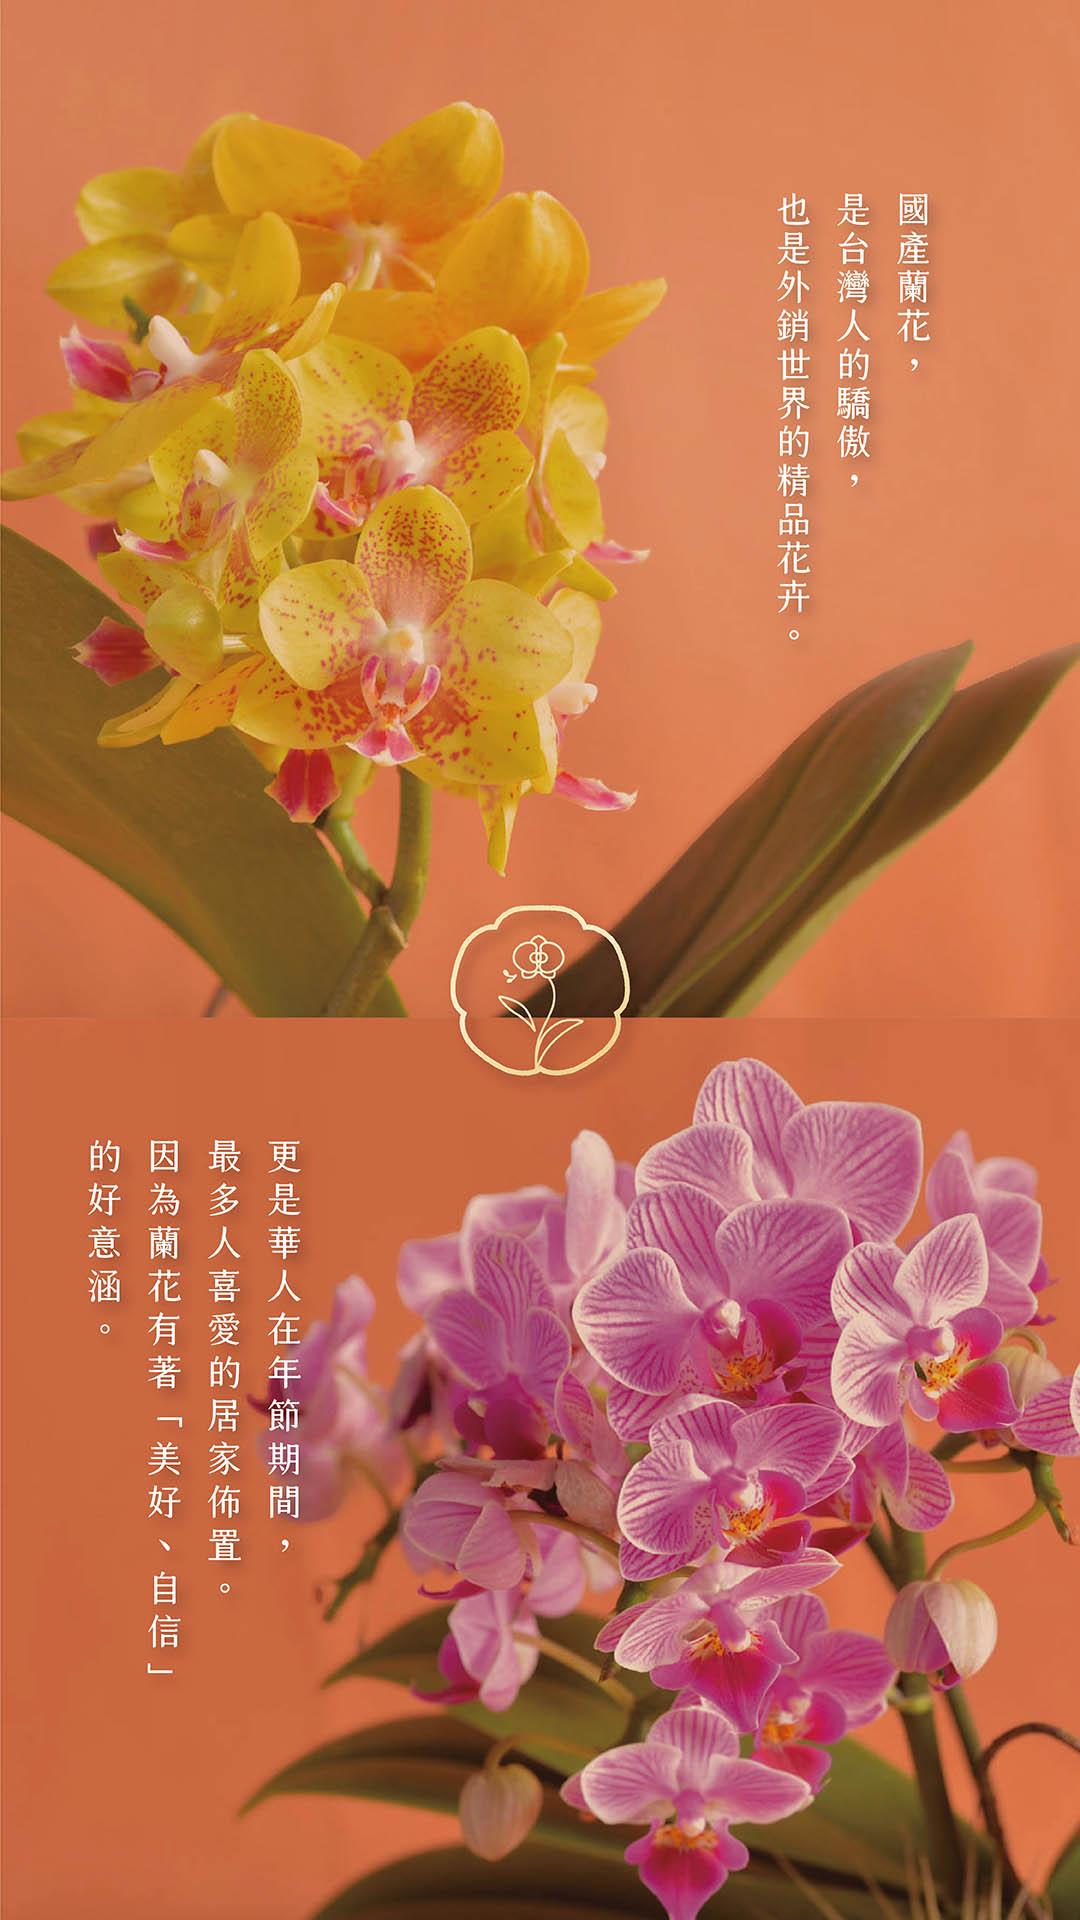 春節蘭花盆栽銷售